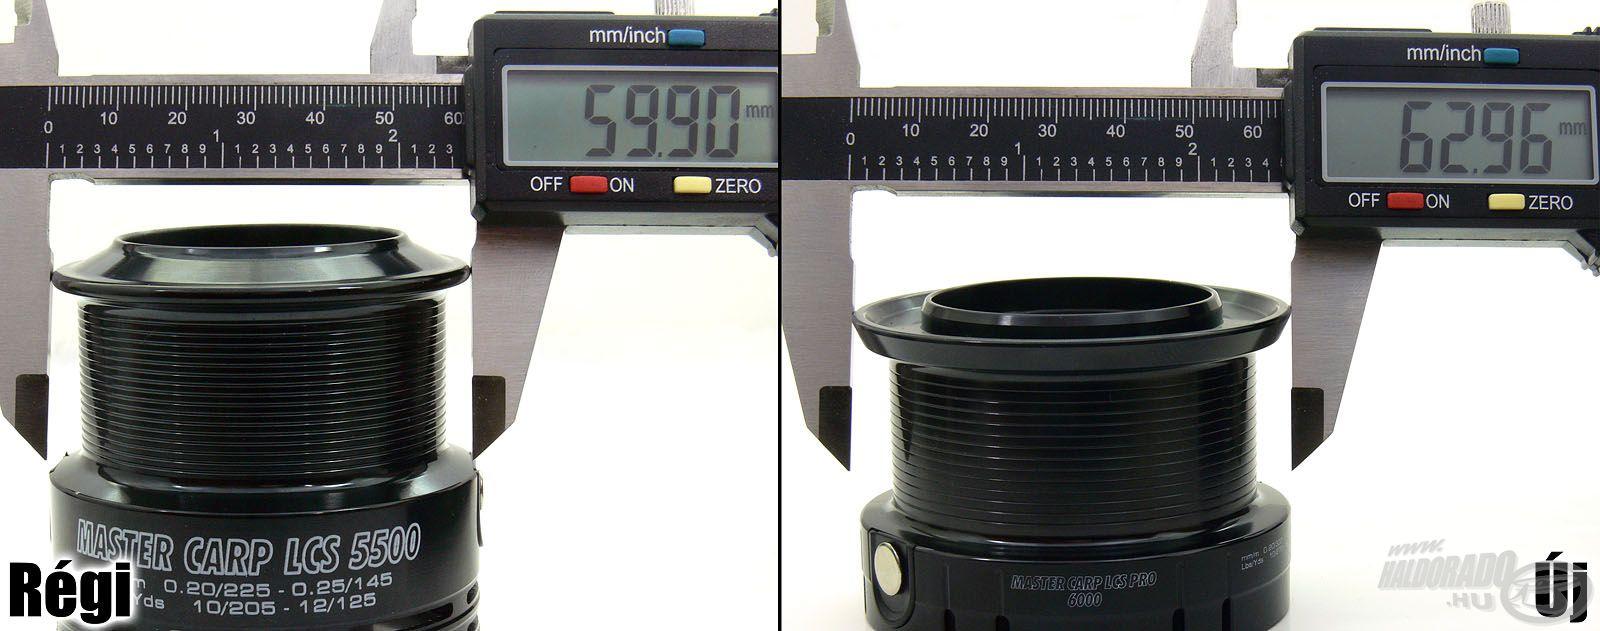 Míg a régi 5500-as méret dobátmérője csupán 60 mm, az új, 6000-es változat már 63 mm-es dobbal büszkélkedik